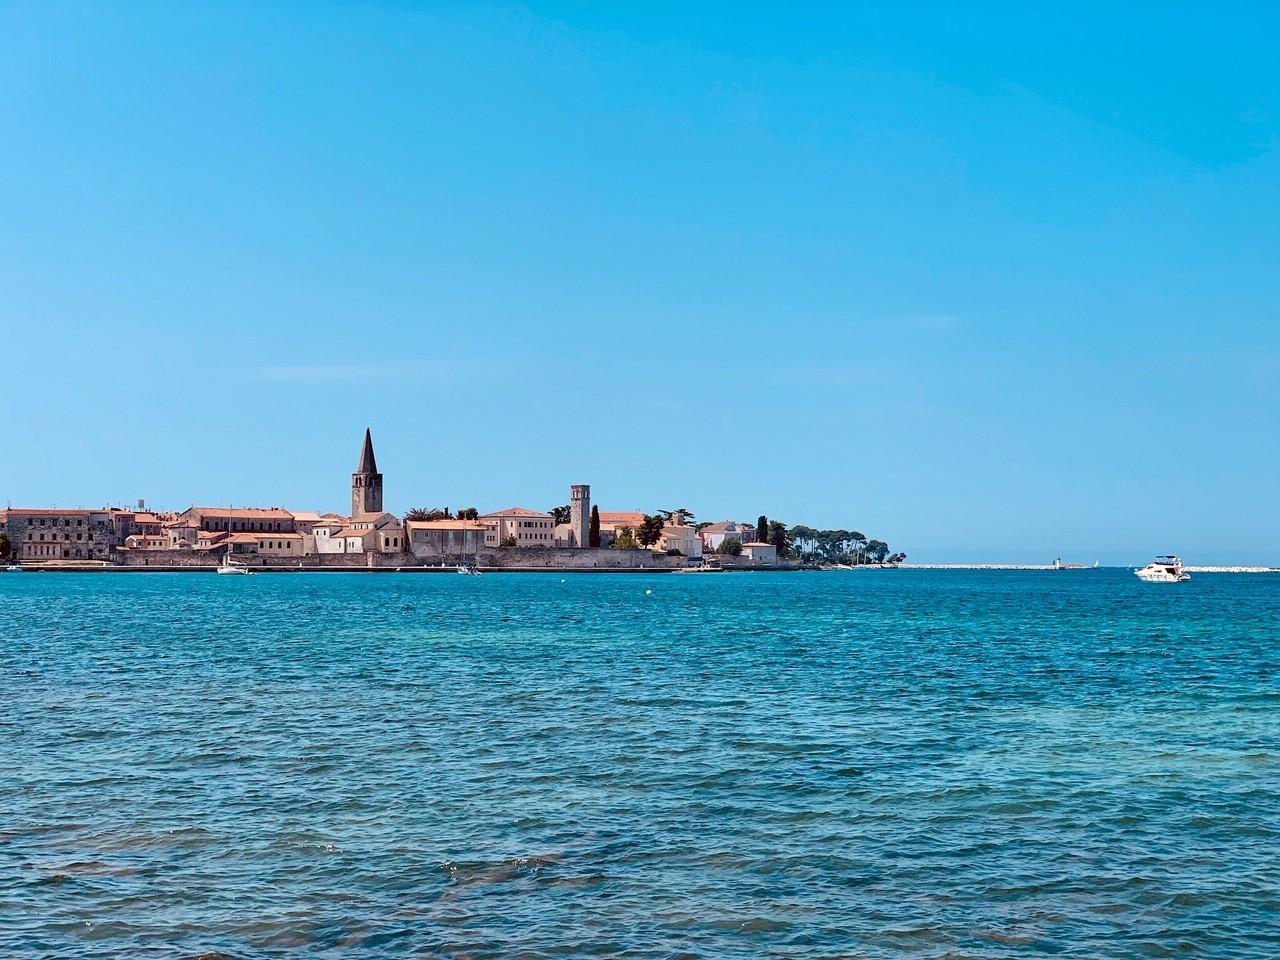 Istrië: Alles dat je wilt weten voor een heerlijke dag in Porec